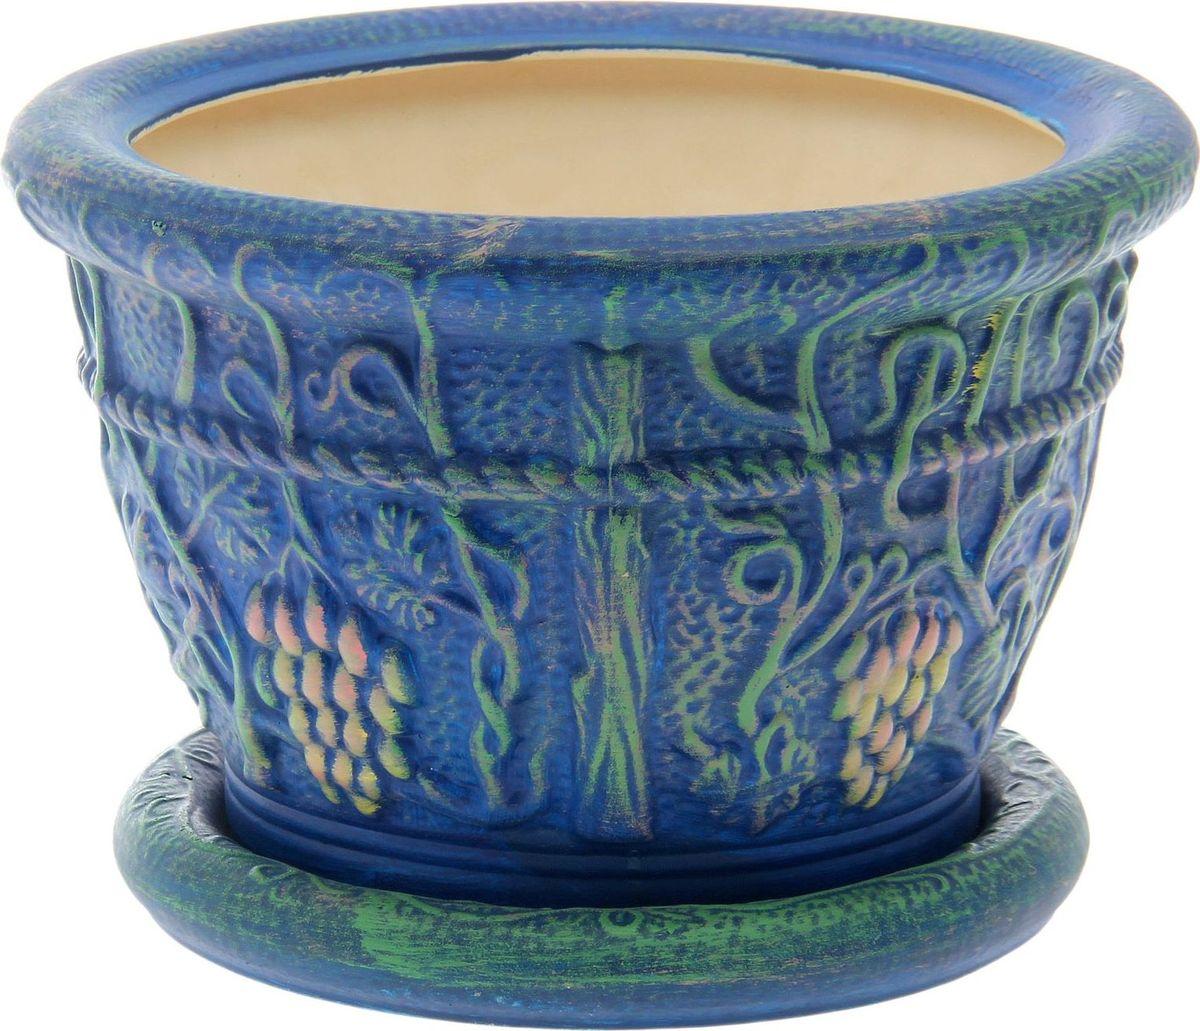 Кашпо Керамика ручной работы Виноград, 11 л1110147Комнатные растения — всеобщие любимцы. Они радуют глаз, насыщают помещение кислородом и украшают пространство. Каждому из них необходим свой удобный и красивый дом. Кашпо из керамики прекрасно подходят для высадки растений: за счет пластичности глины и разных способов обработки существует великое множество форм и дизайнов пористый материал позволяет испаряться лишней влаге воздух, необходимый для дыхания корней, проникает сквозь керамические стенки! позаботится о зеленом питомце, освежит интерьер и подчеркнет его стиль.